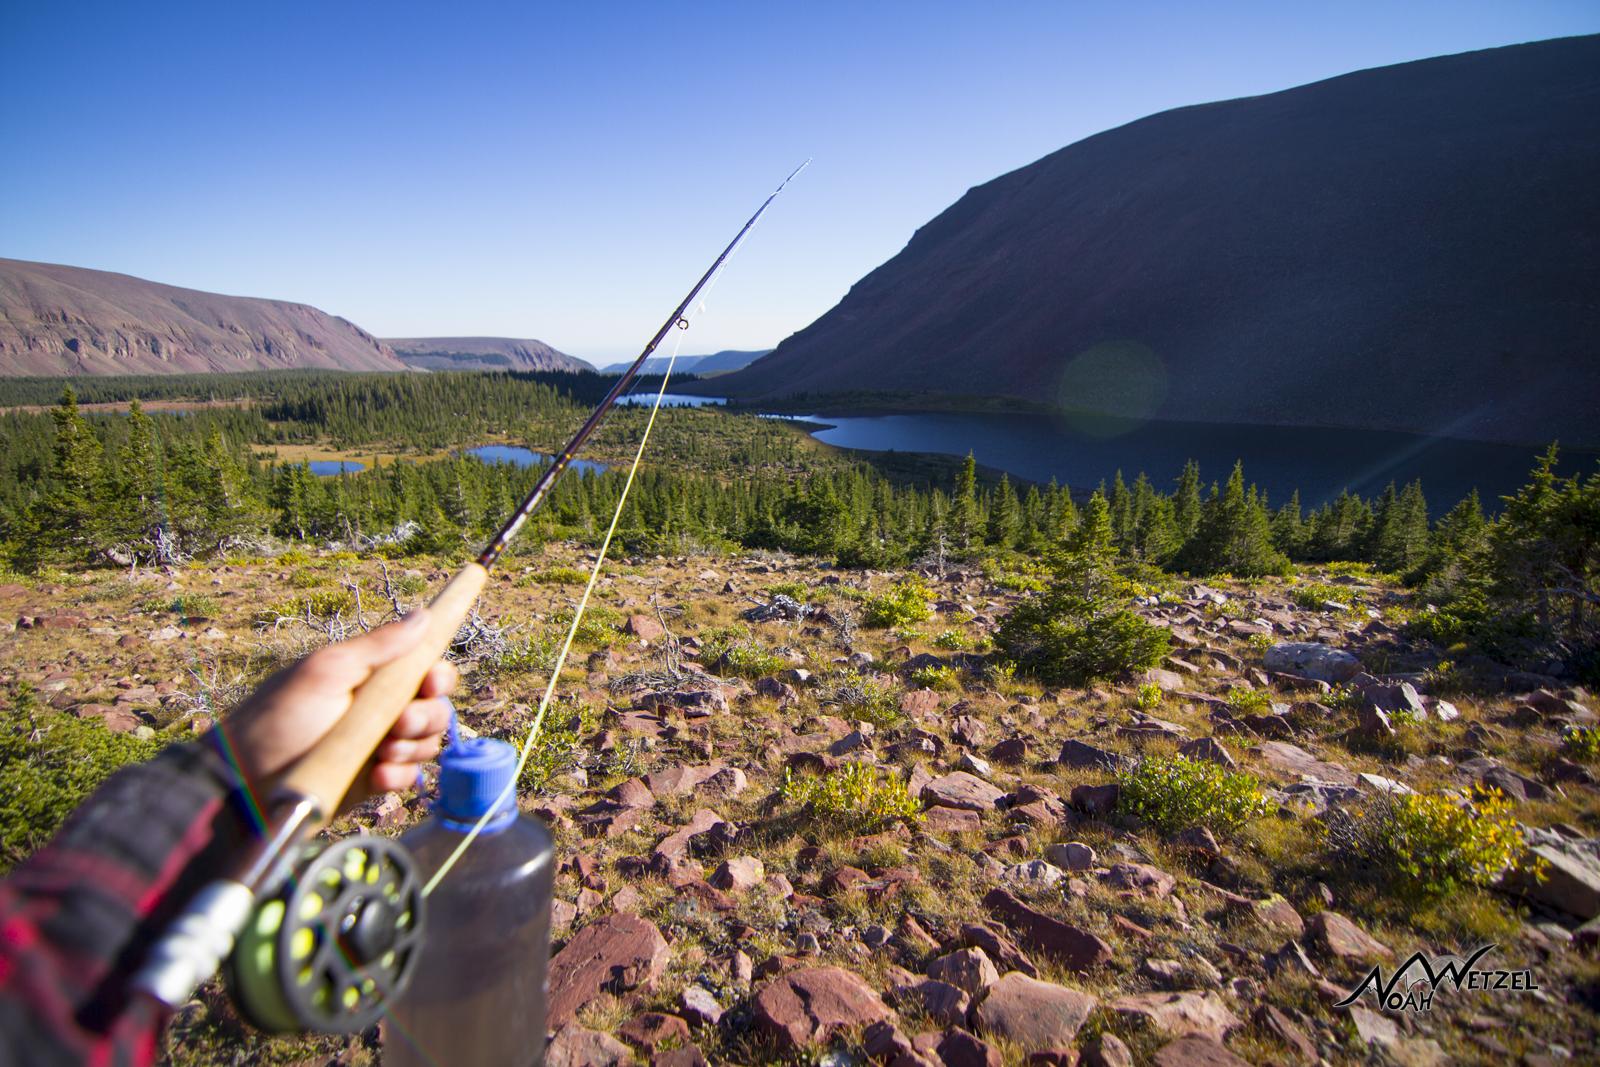 Overlooking West Timothy Lake. High Uintas Wilderness. Utah